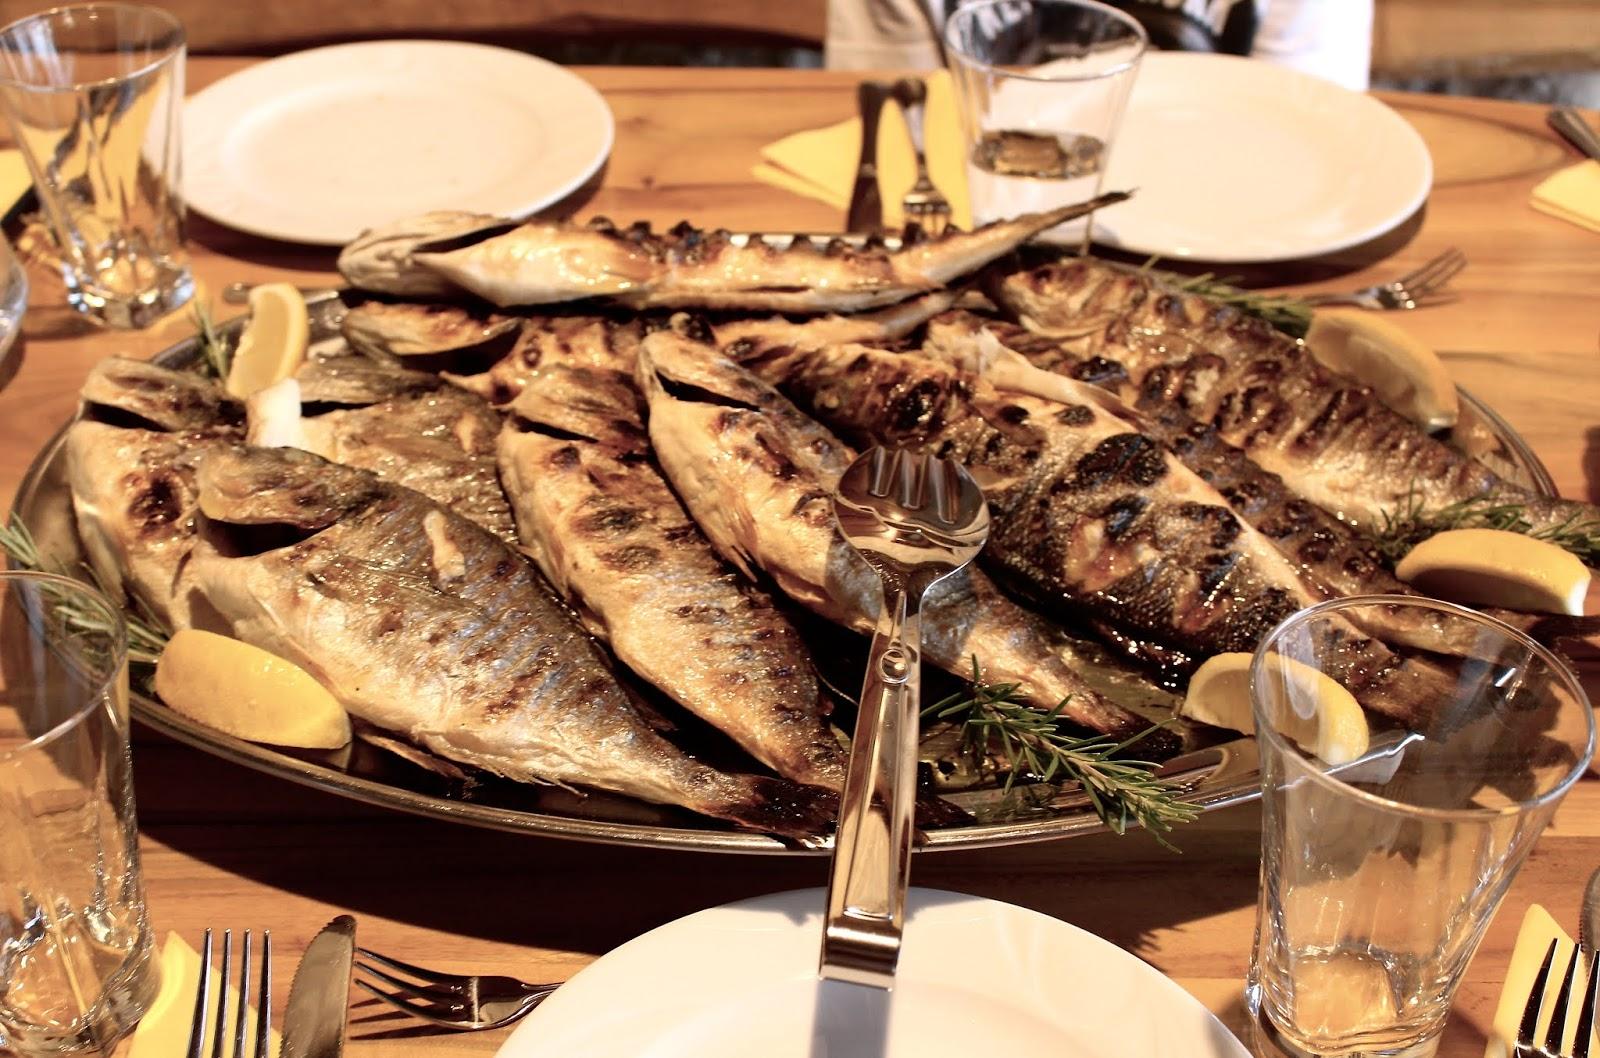 Dalmatinische Fischplatte - so frisch war nie ein Fisch!